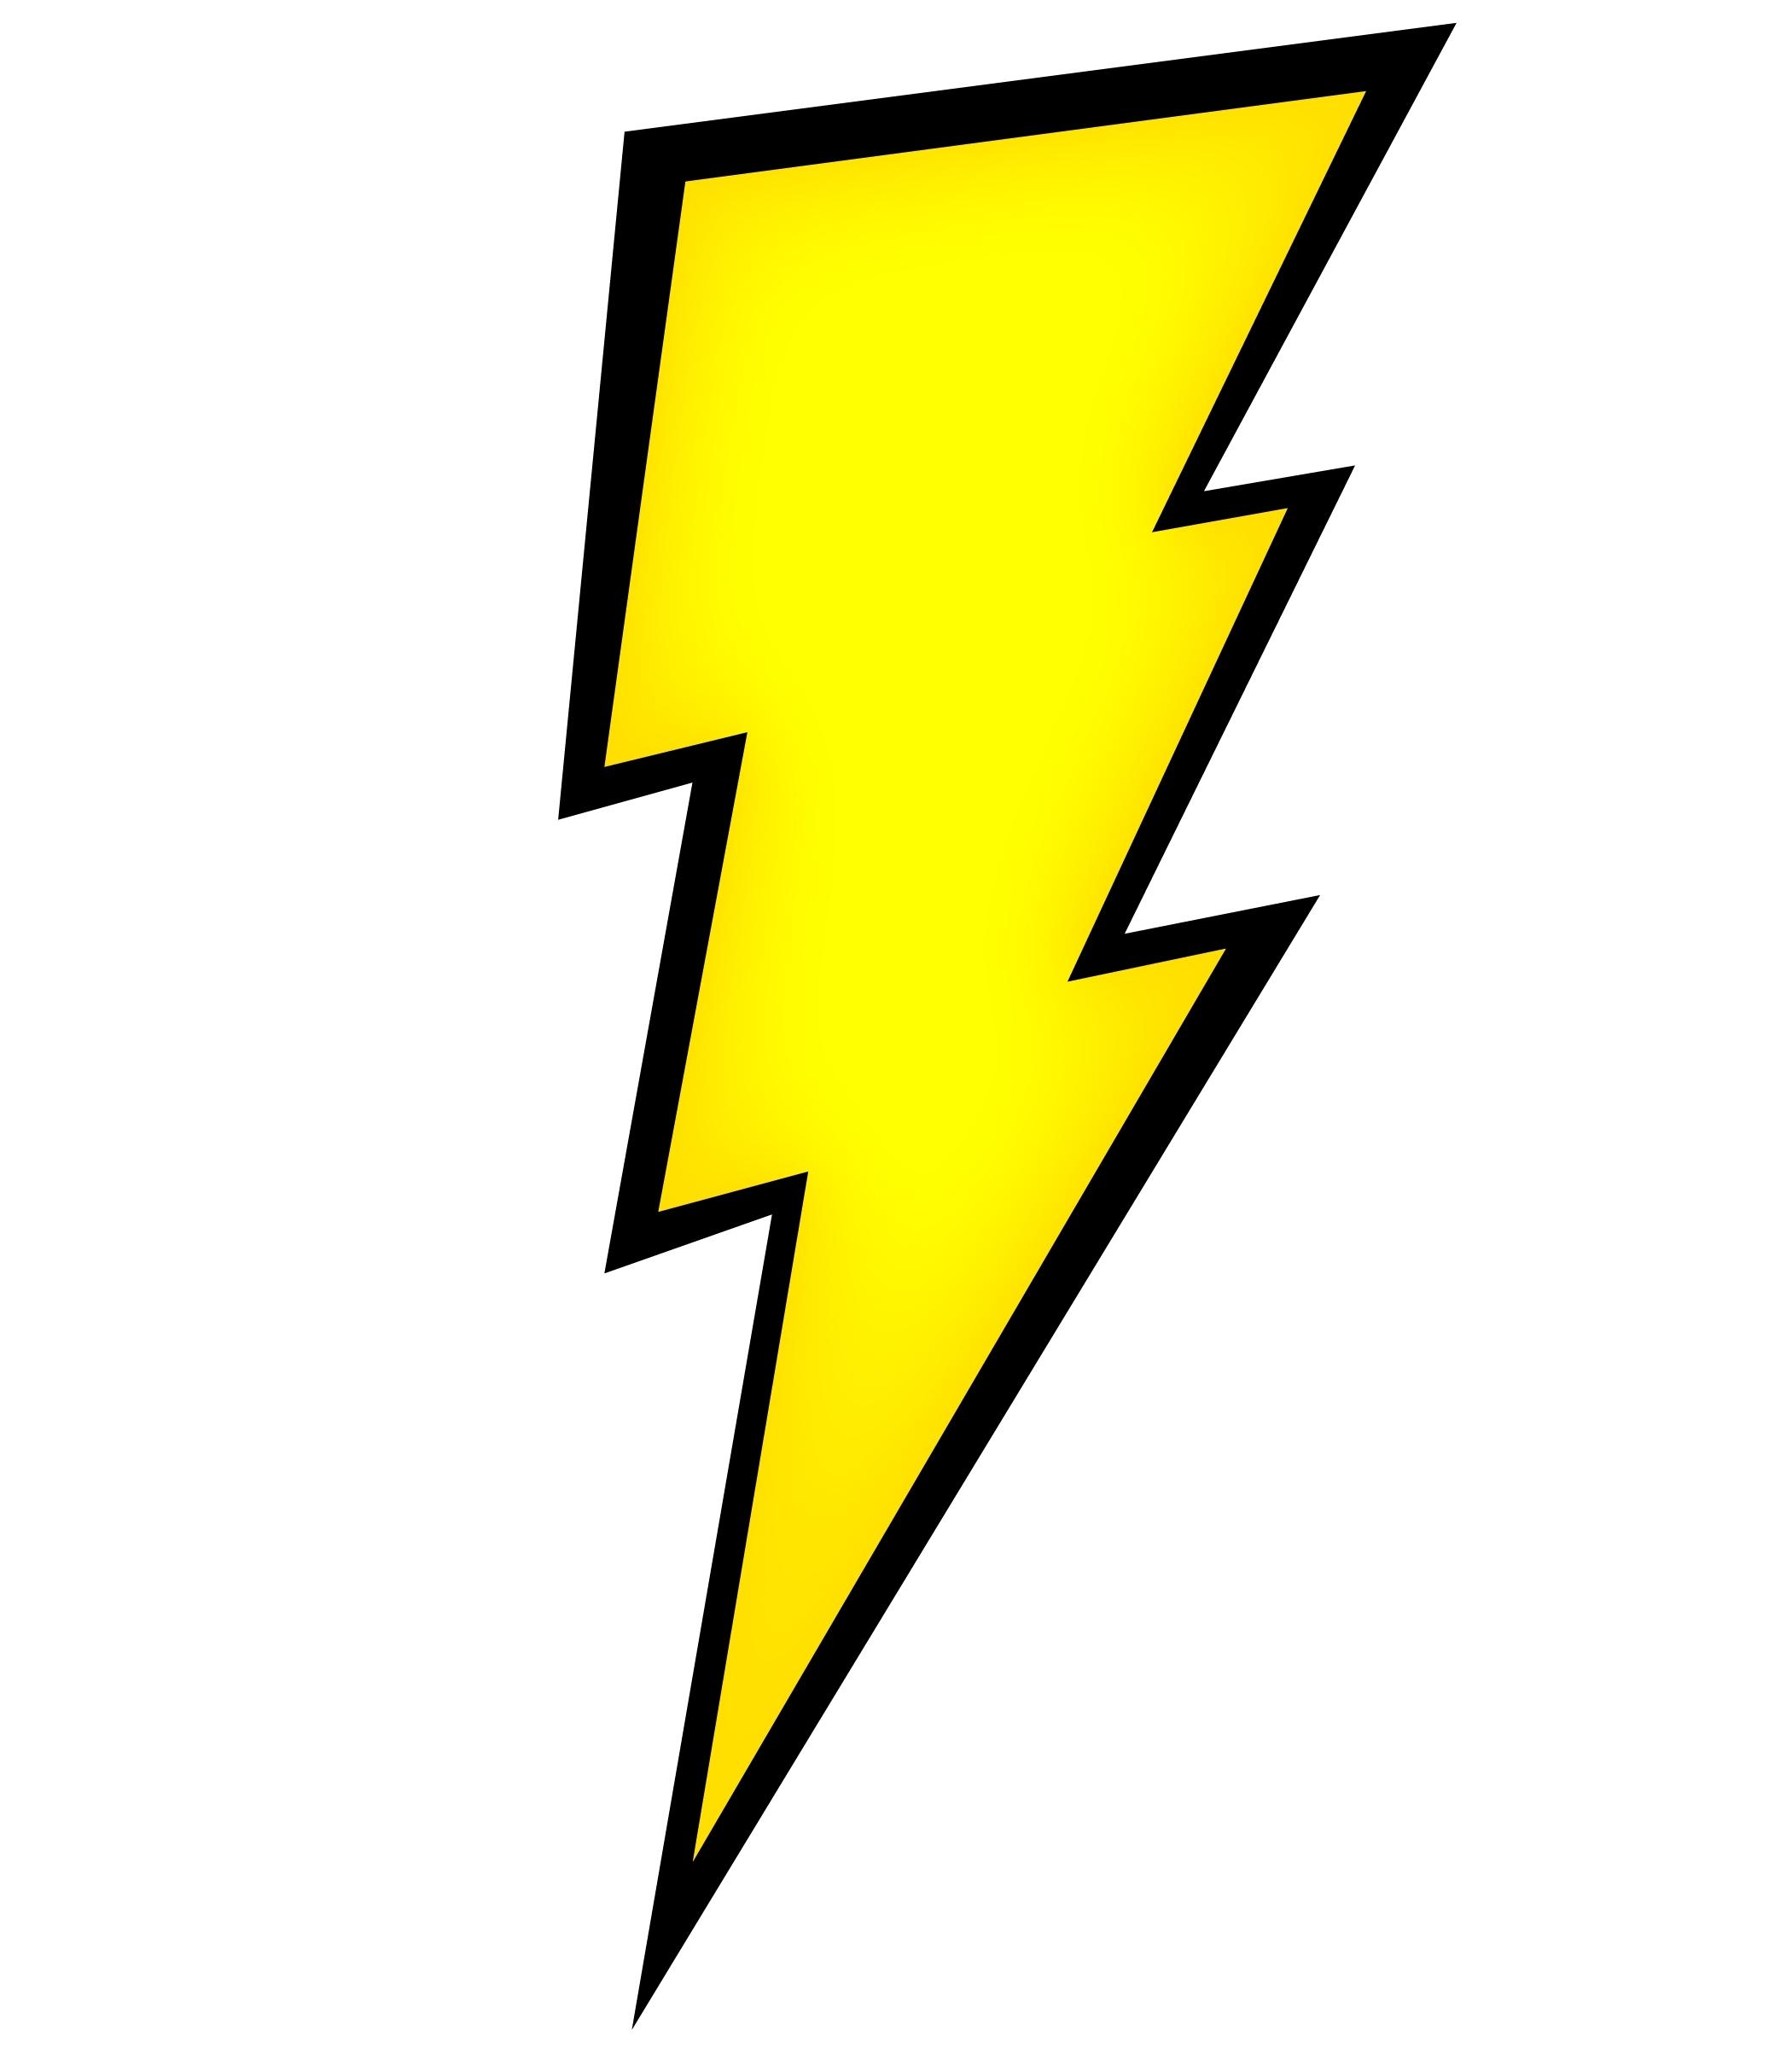 image transparent stock Free image lightning download. Bolt clipart